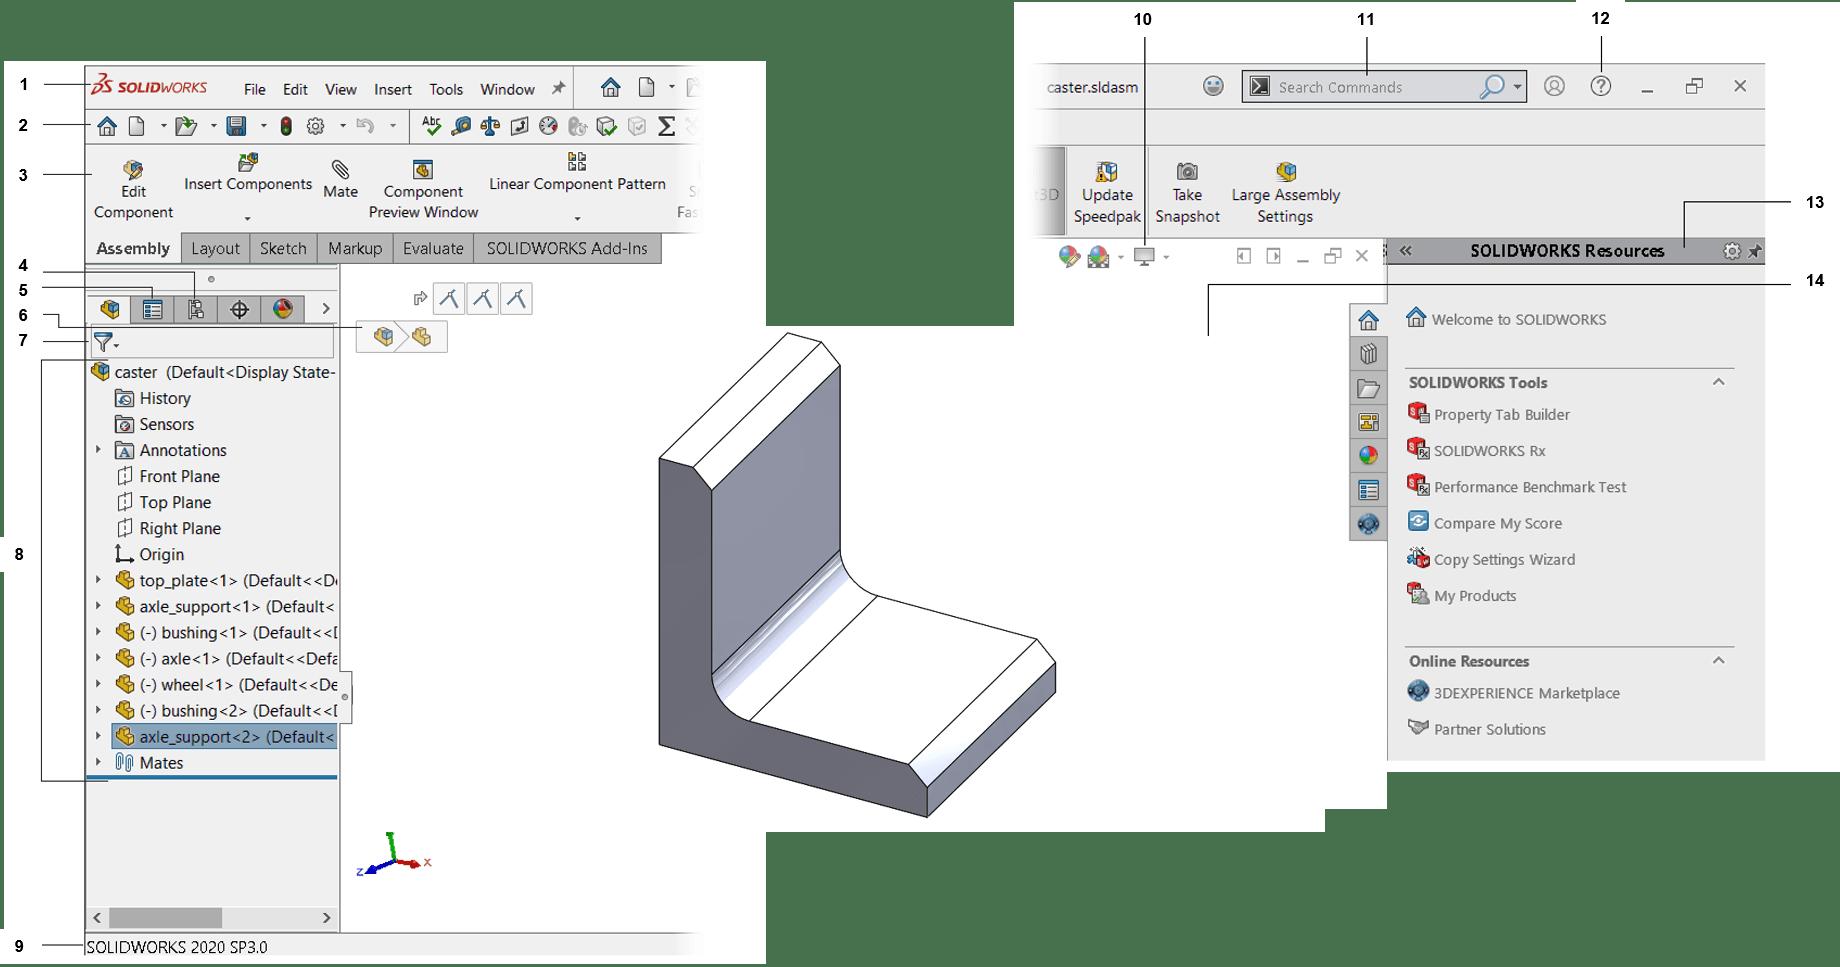 Die Solidworks Benutzeroberflache Einfach Erklart